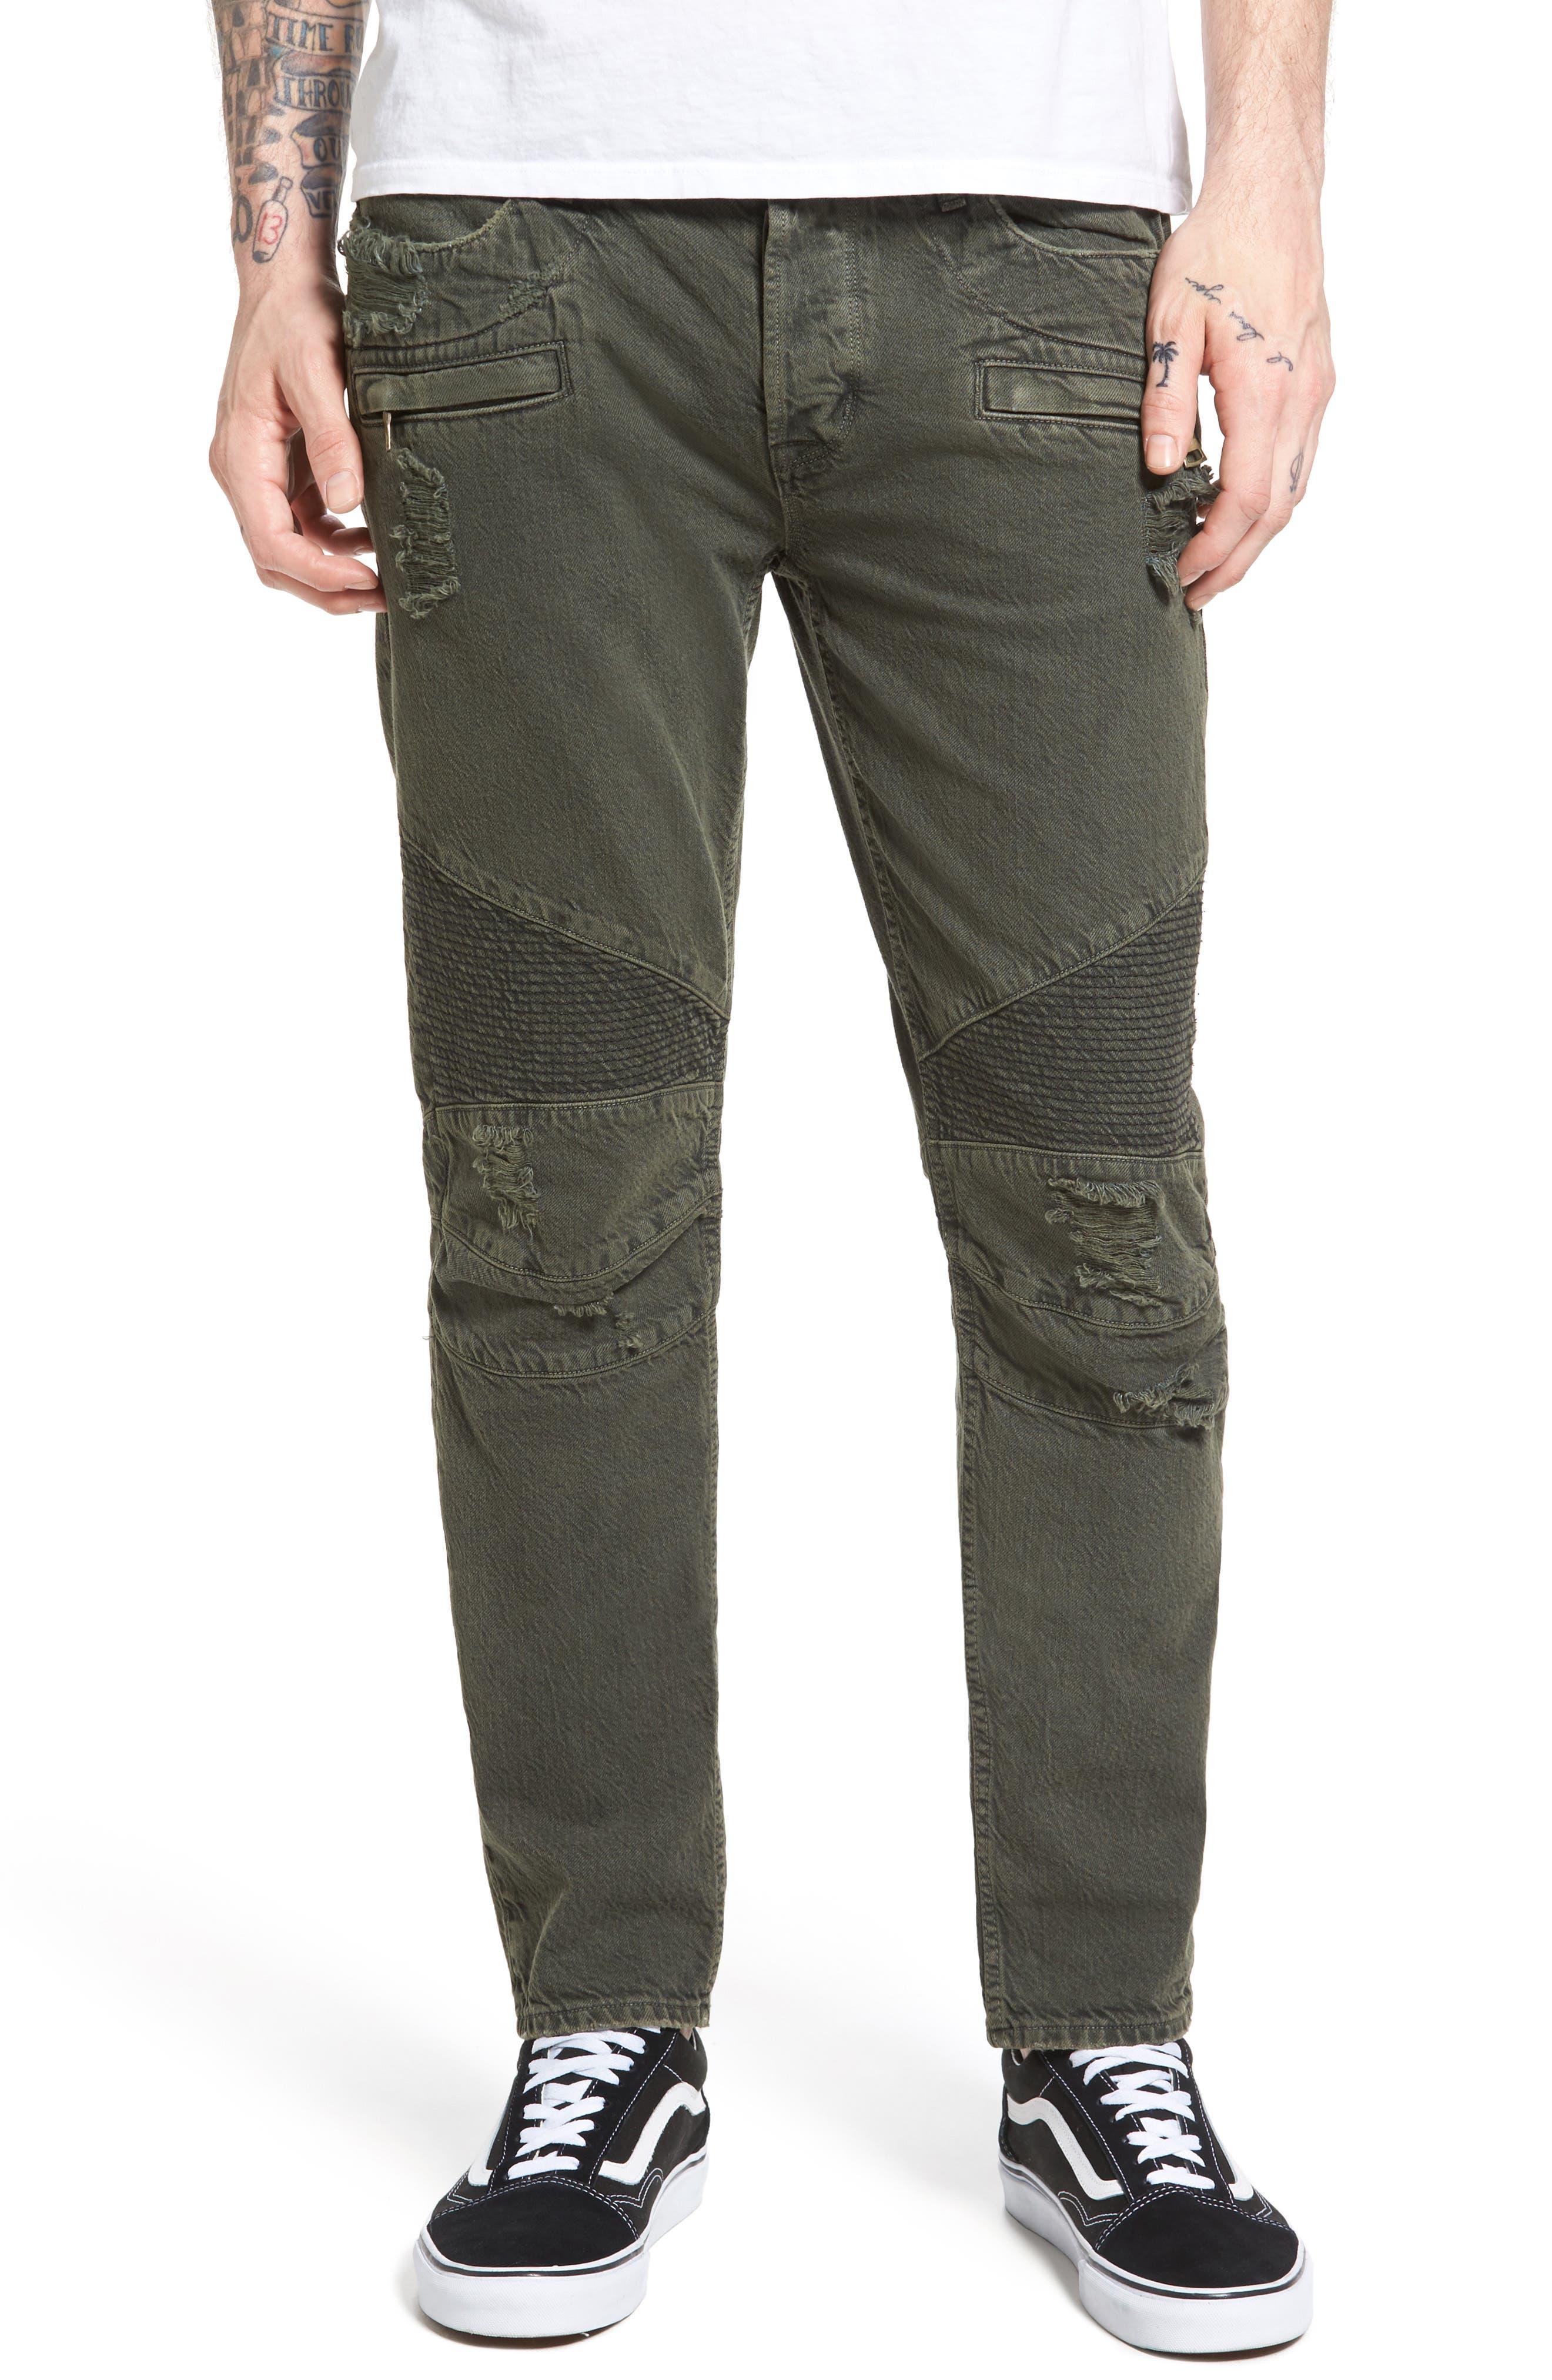 Blinder Biker Skinny Fit Jeans, Main, color, 300